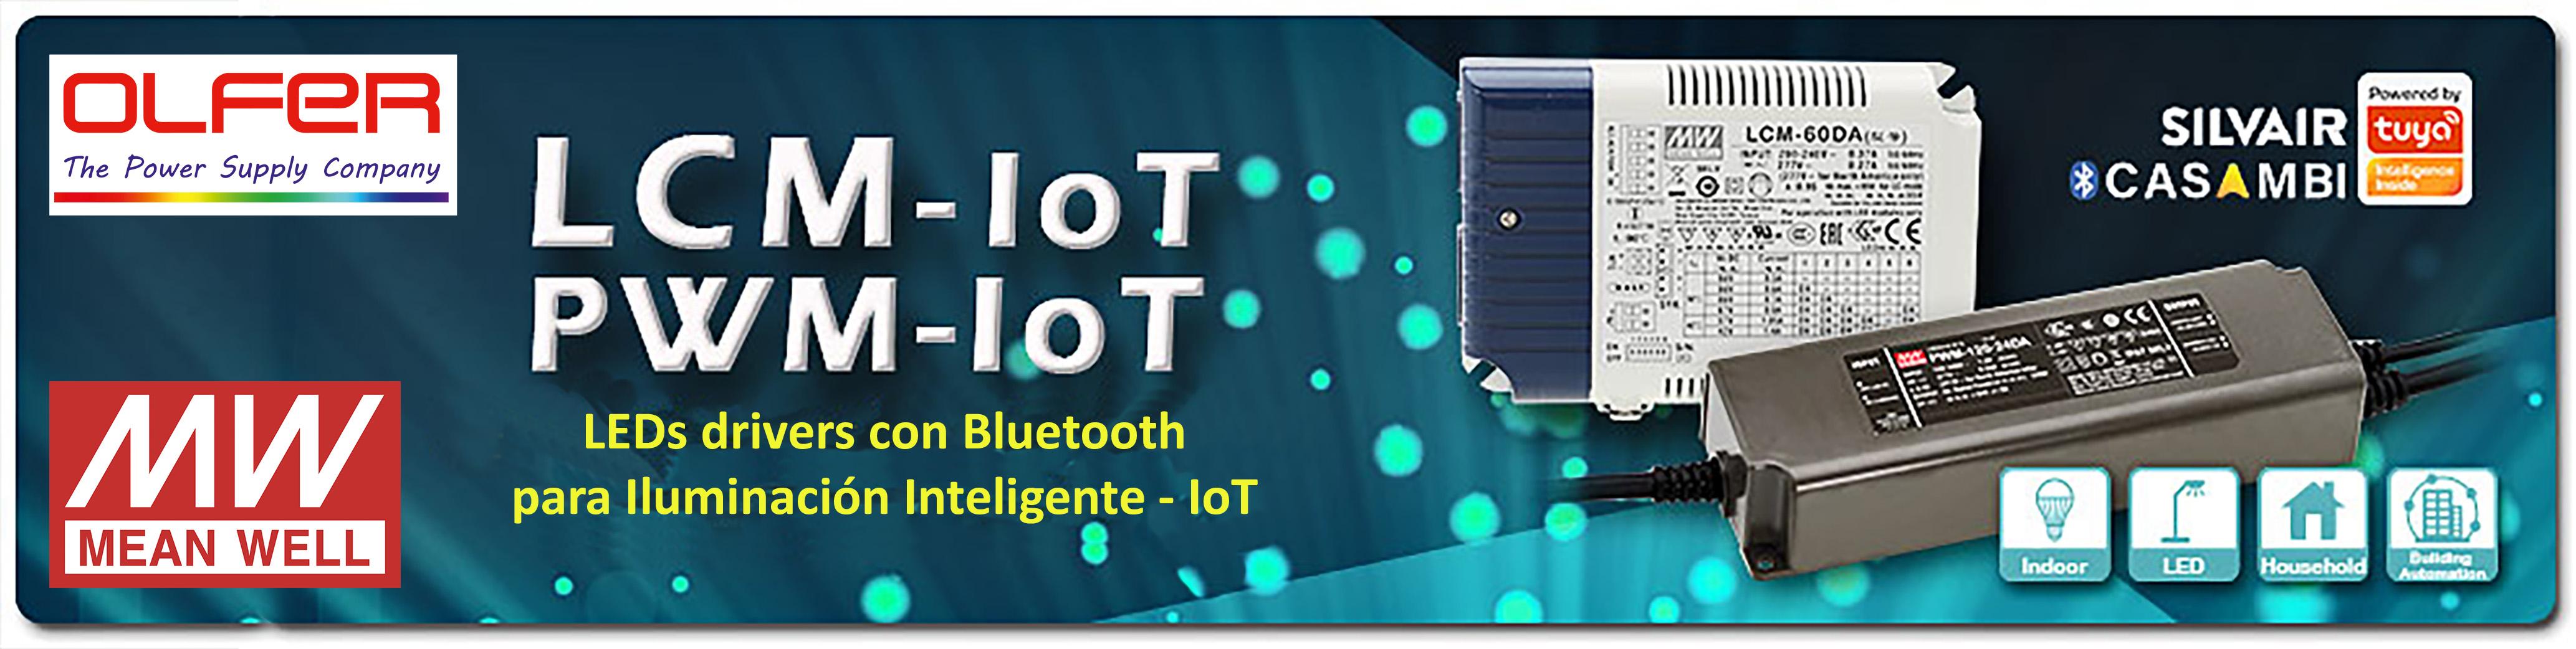 Red de malla abierta a Bluetooth de bajo consumo y LED driver para iluminación inteligente - IoT Series LCM / PWM-IoT